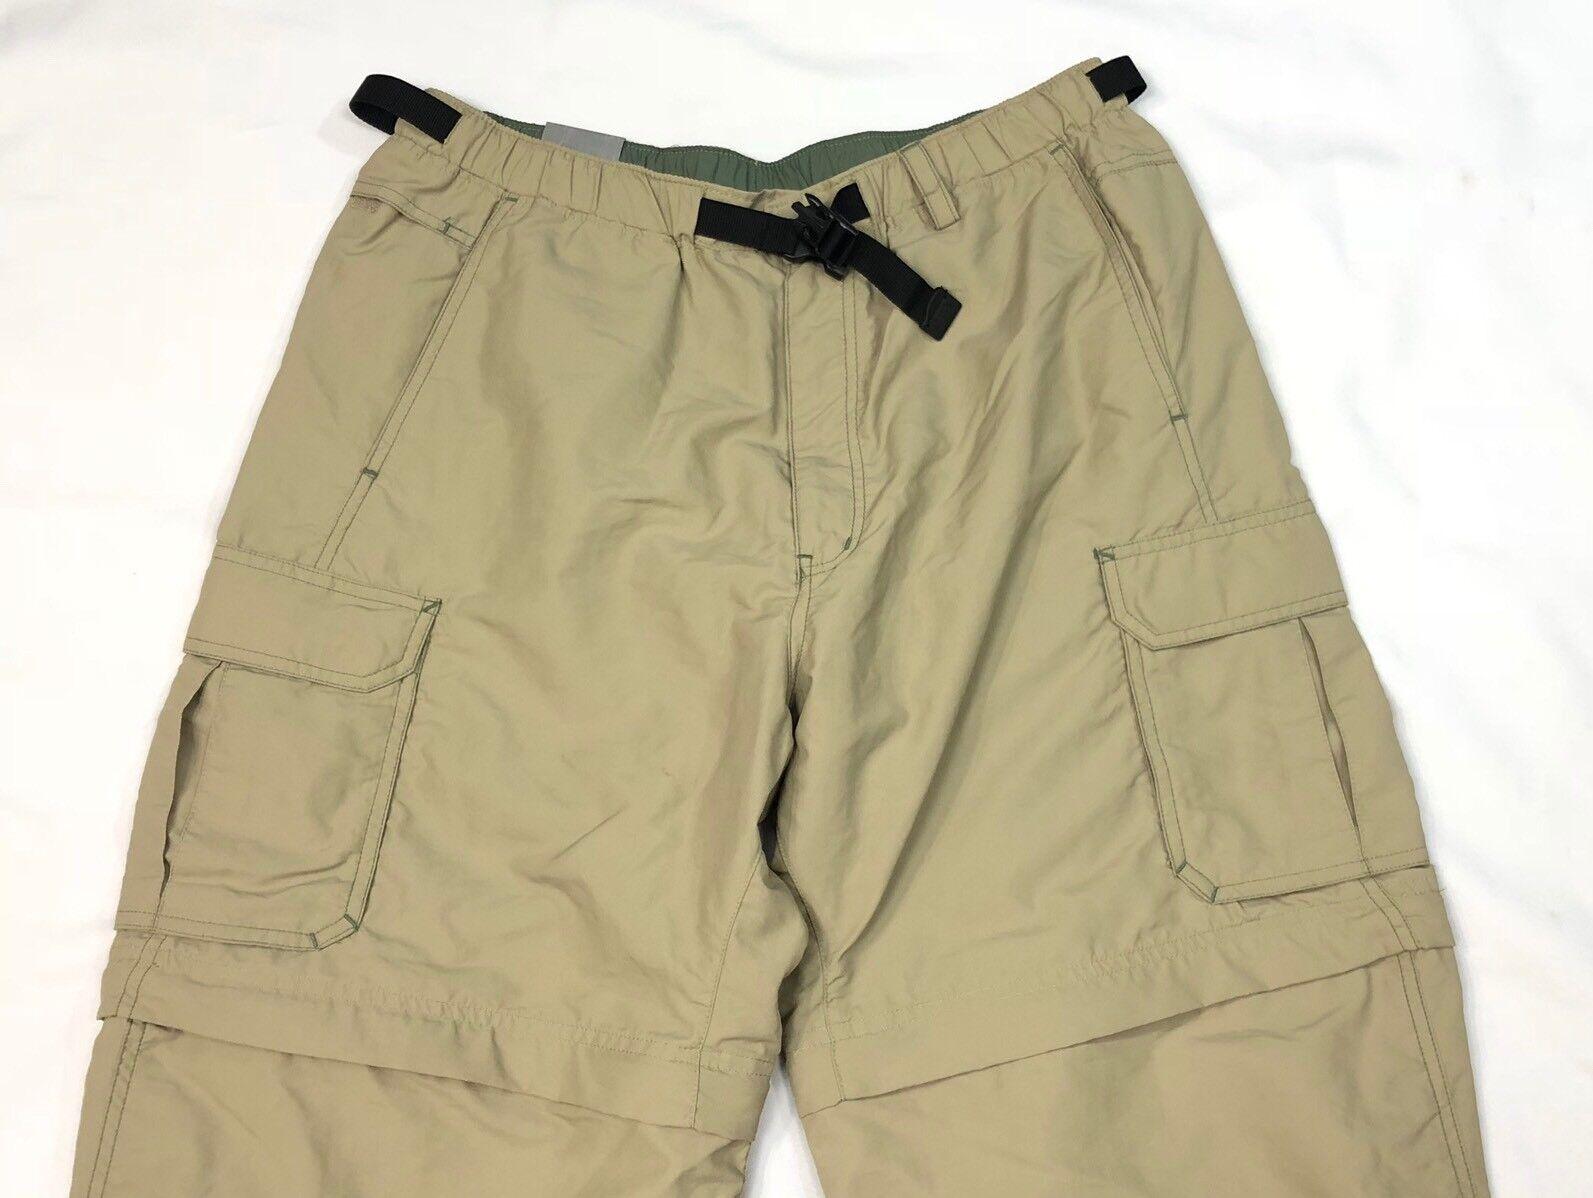 Nuevo con etiquetas Rei 6 bolsillos para senderismo para  hombre Pantalones de Color caqui Converdeible 32x30  entrega gratis